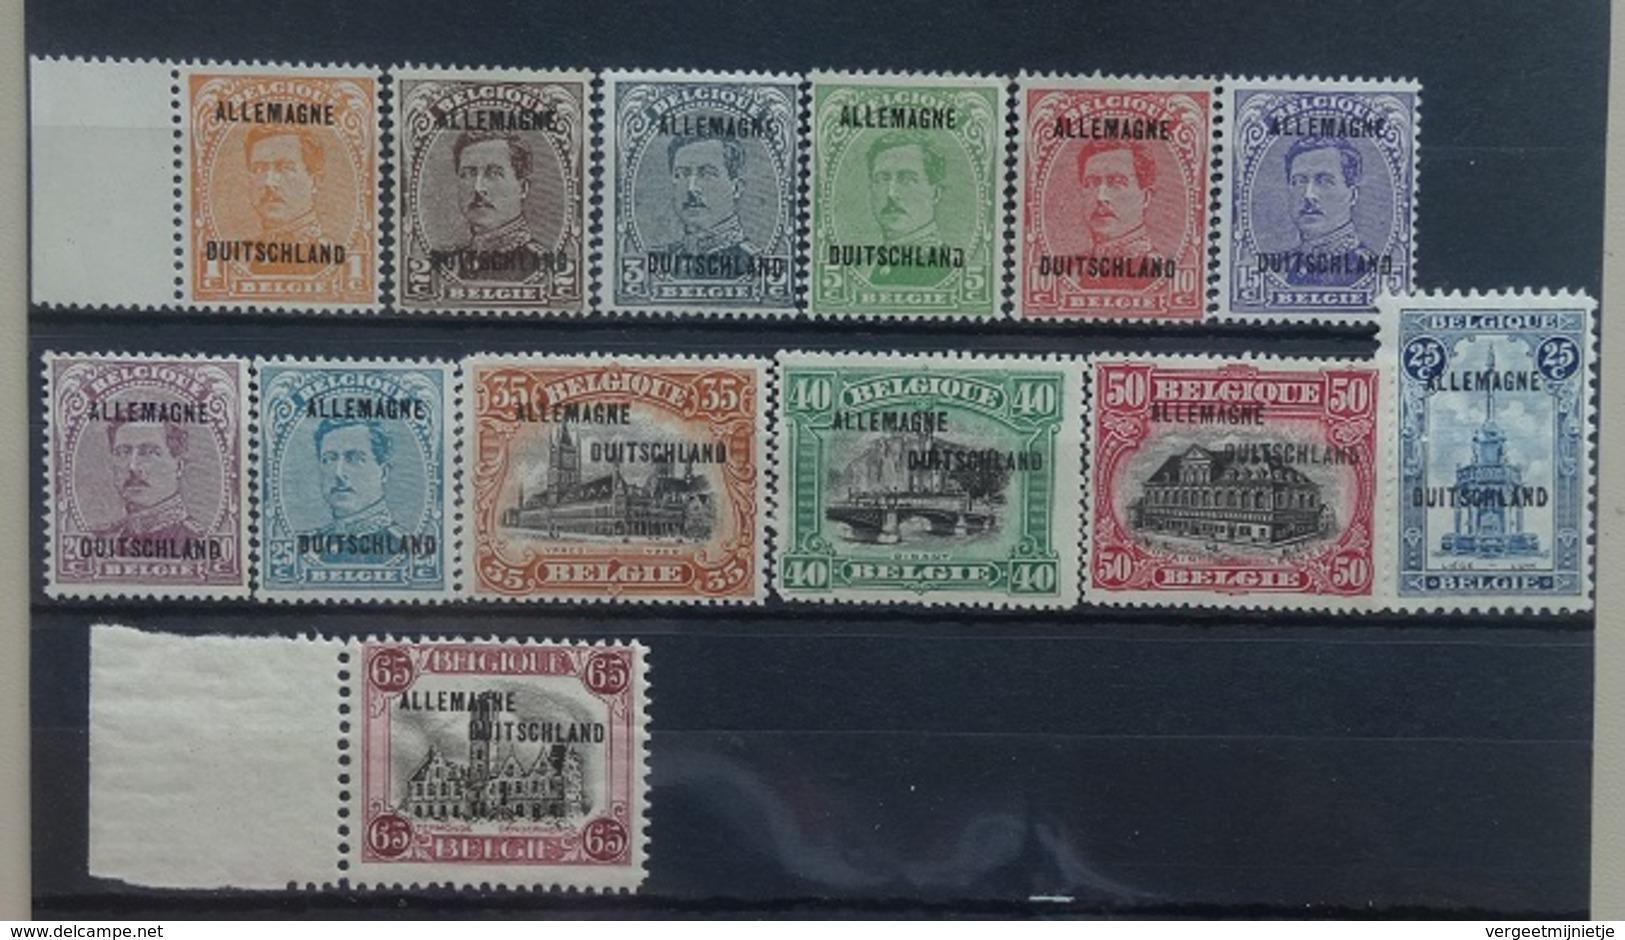 BELGIE  1919   Bezettingszegels   OC 38  - OC 50    Postfris **     CW  87,00 - Guerre 14-18